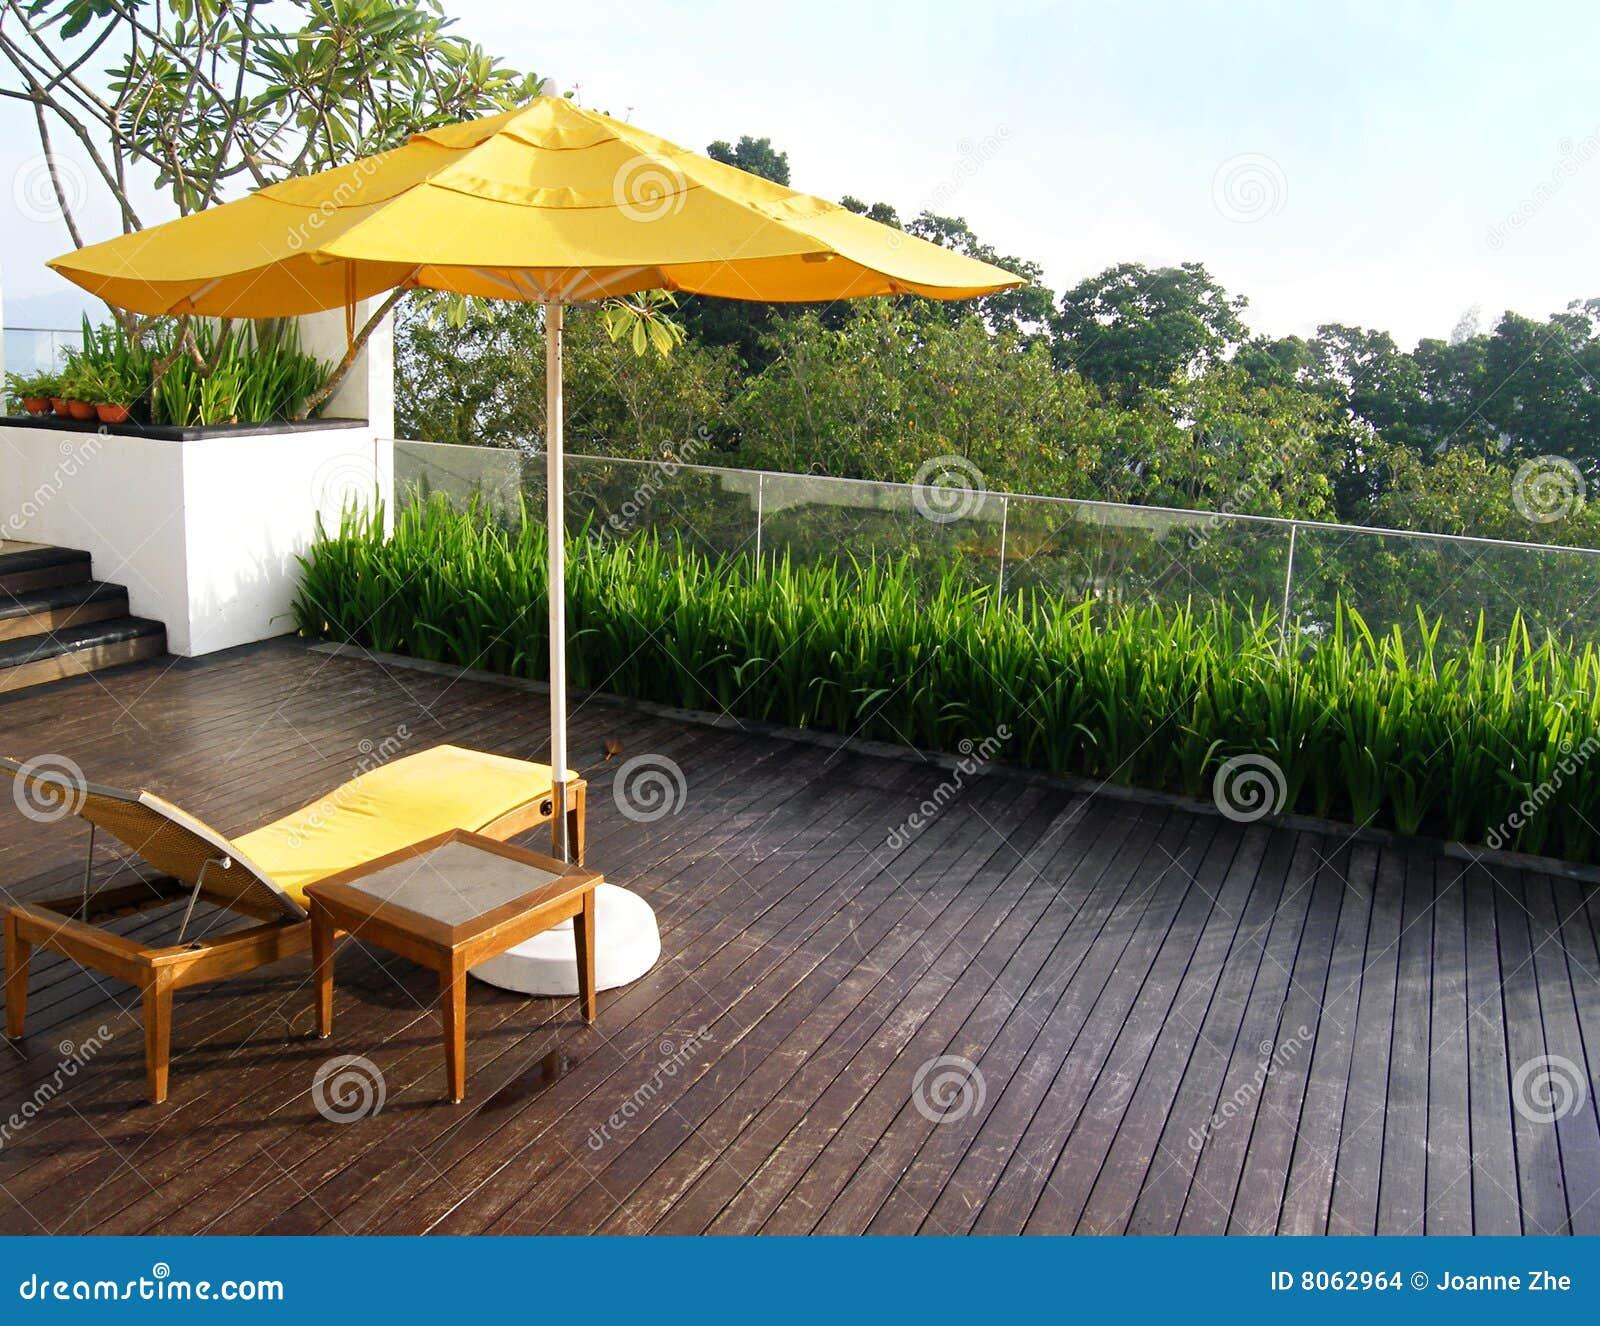 Dise o superior del patio del jard n de la azotea foto de for Jardin en azotea diseno